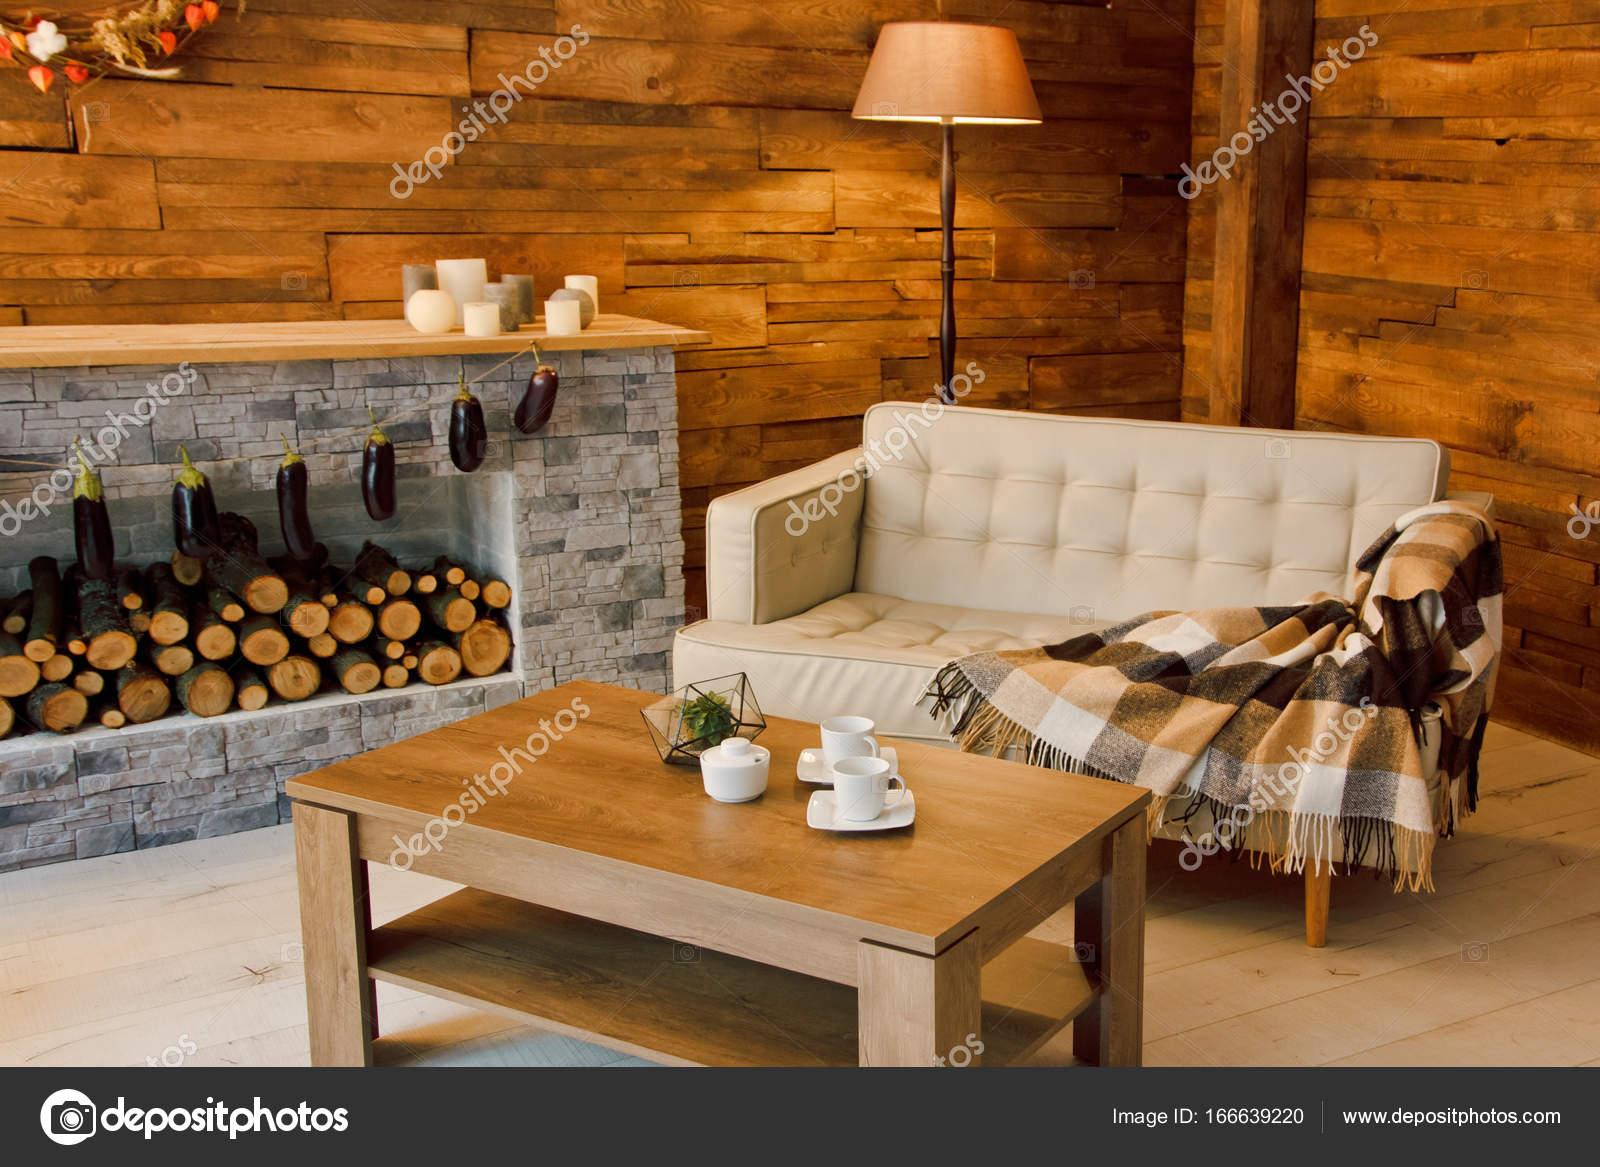 Fauteuil bij de open haard met brandhout u stockfoto